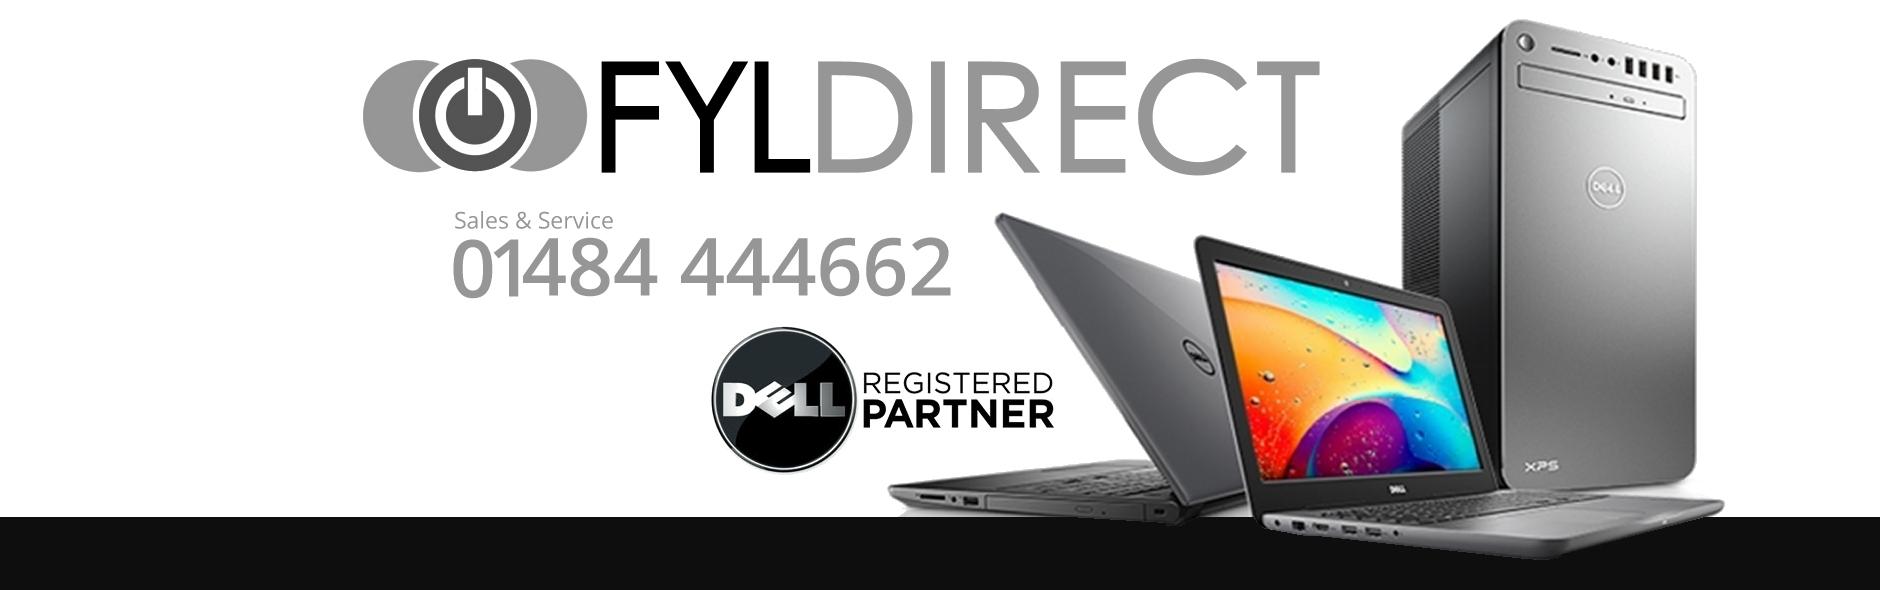 FYL Direct eBay Shop - Refurbished Dell Laptops